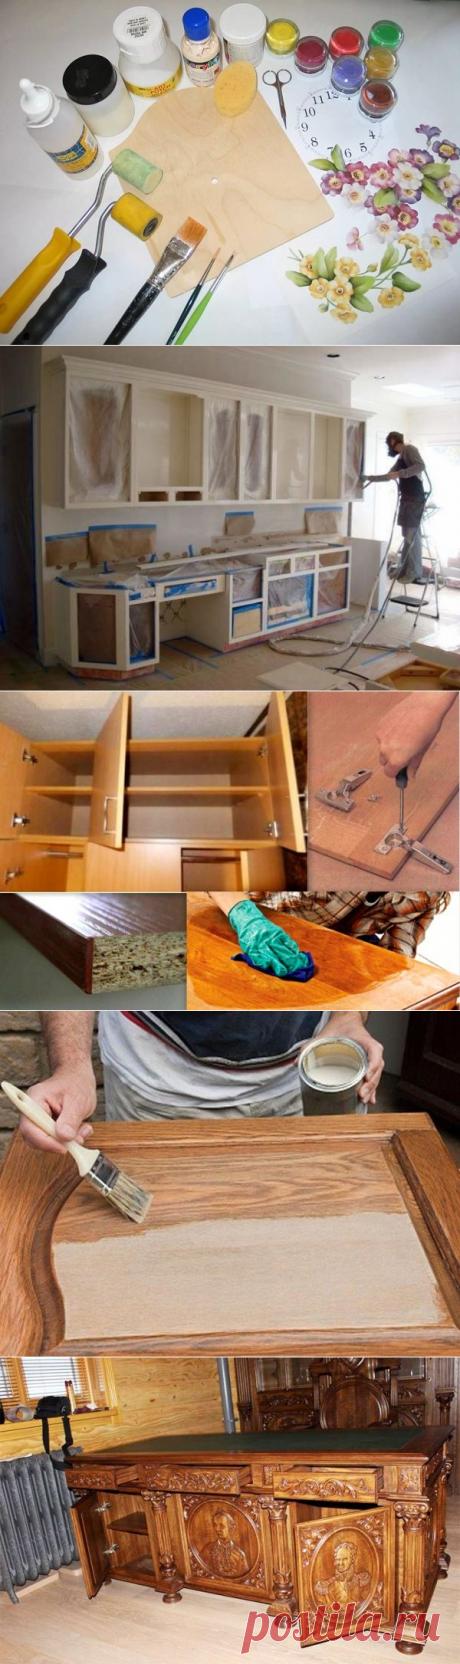 Как отреставрировать старую мебель в домашних условиях: идеи, фото